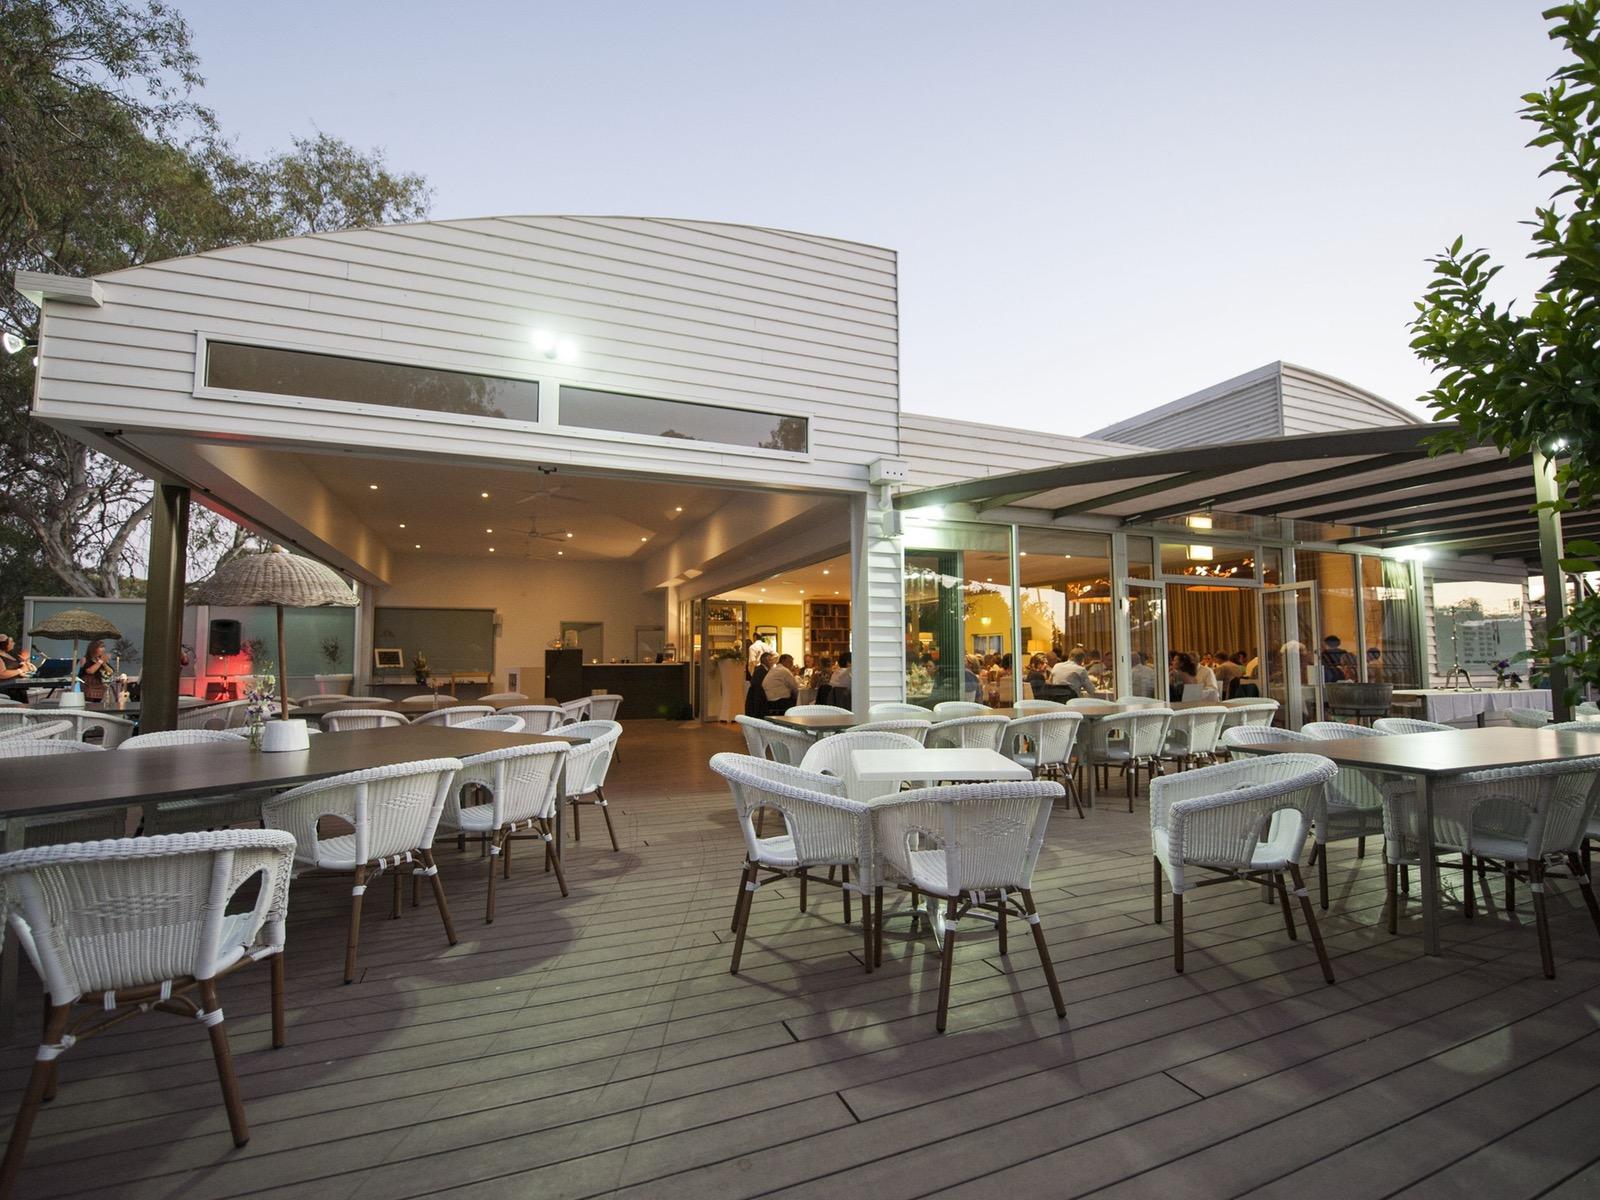 Spoons Riverside Restaurant